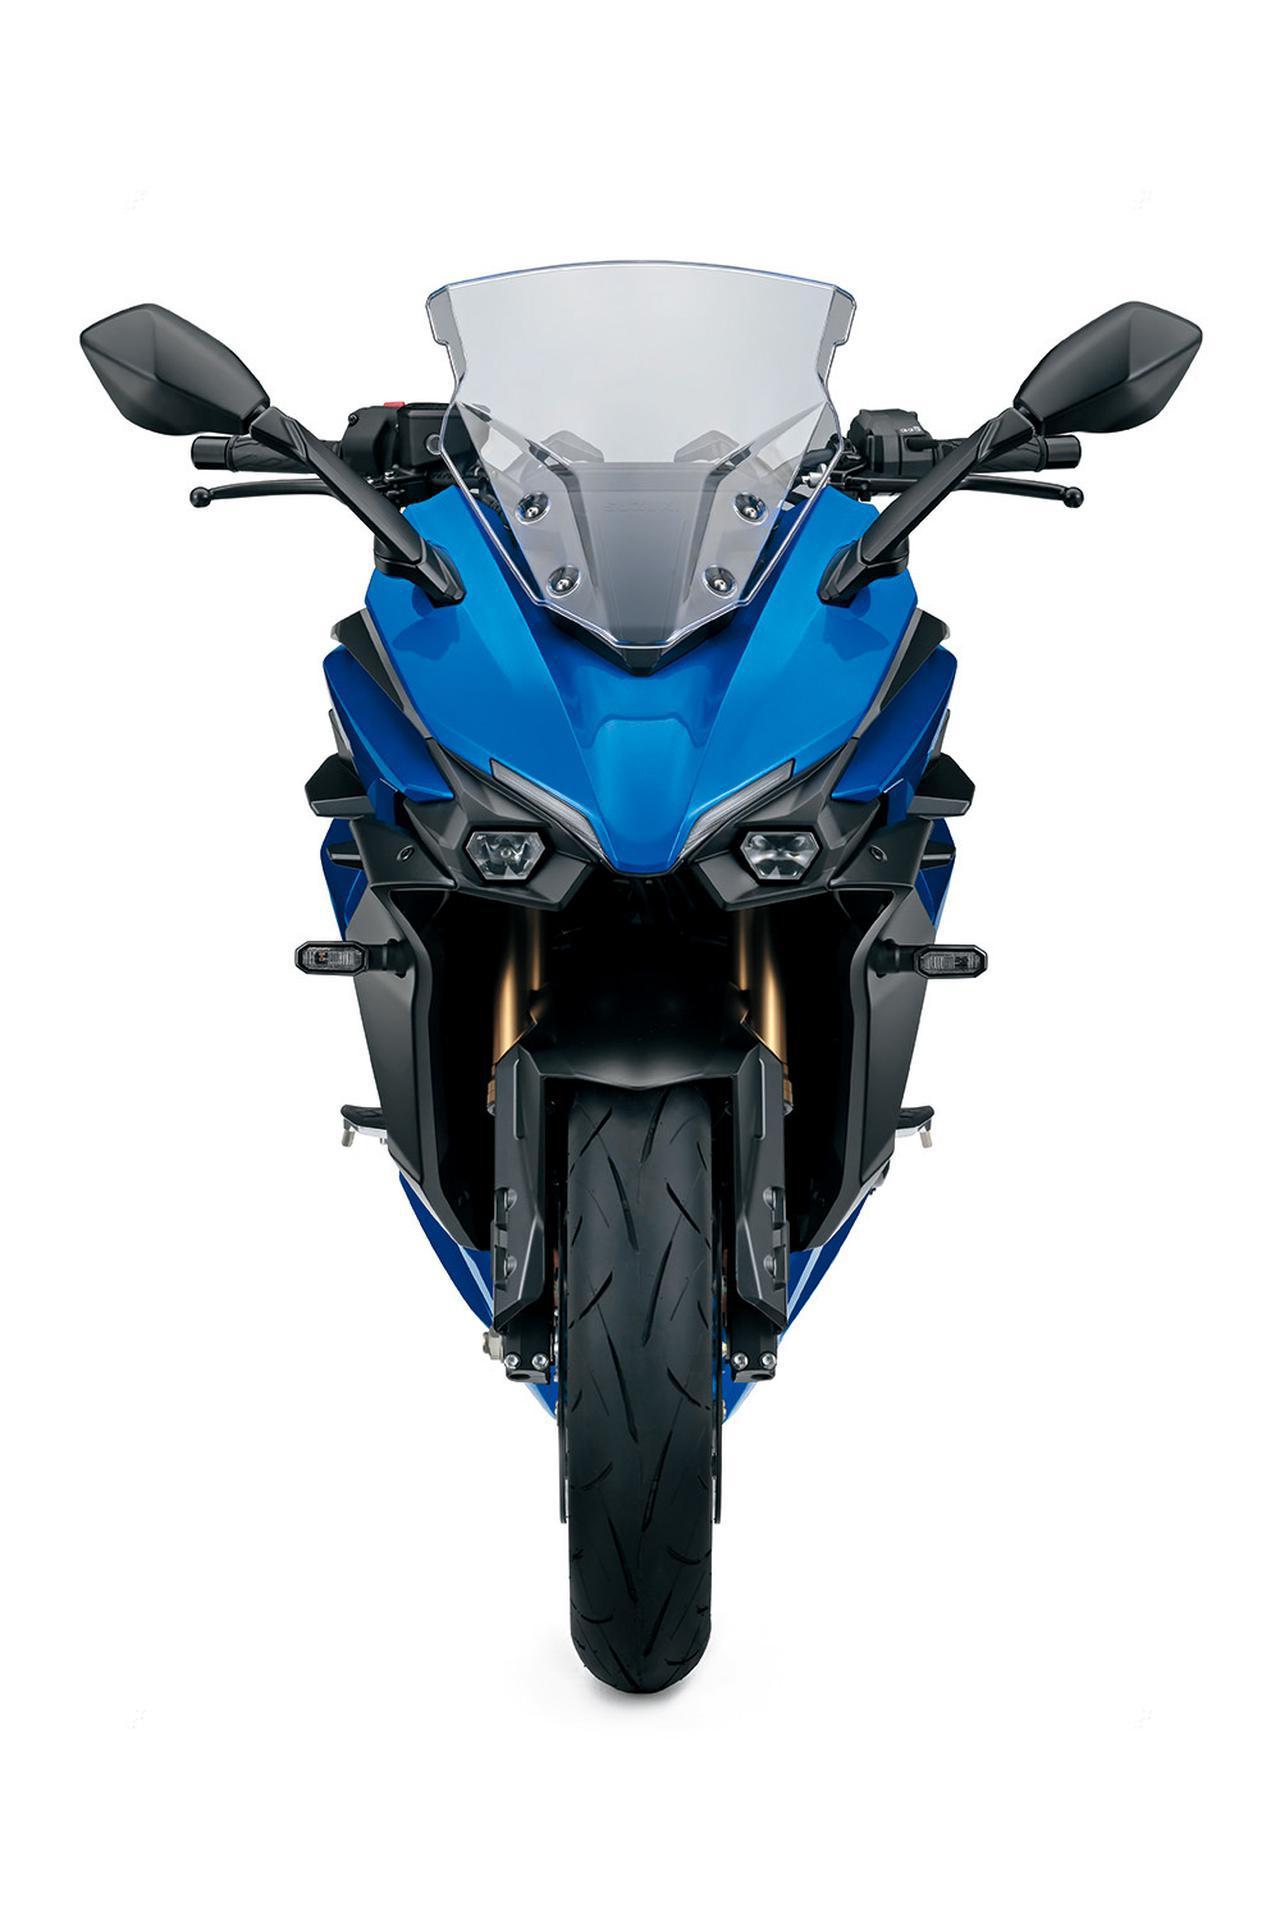 画像2: 新型『GSX-S1000GT』はGSX-S1000Fから何が変わった? 【スズキのバイクの新車ニュース/SUZUKI GSX-S1000GT 装備&ディテール 編】